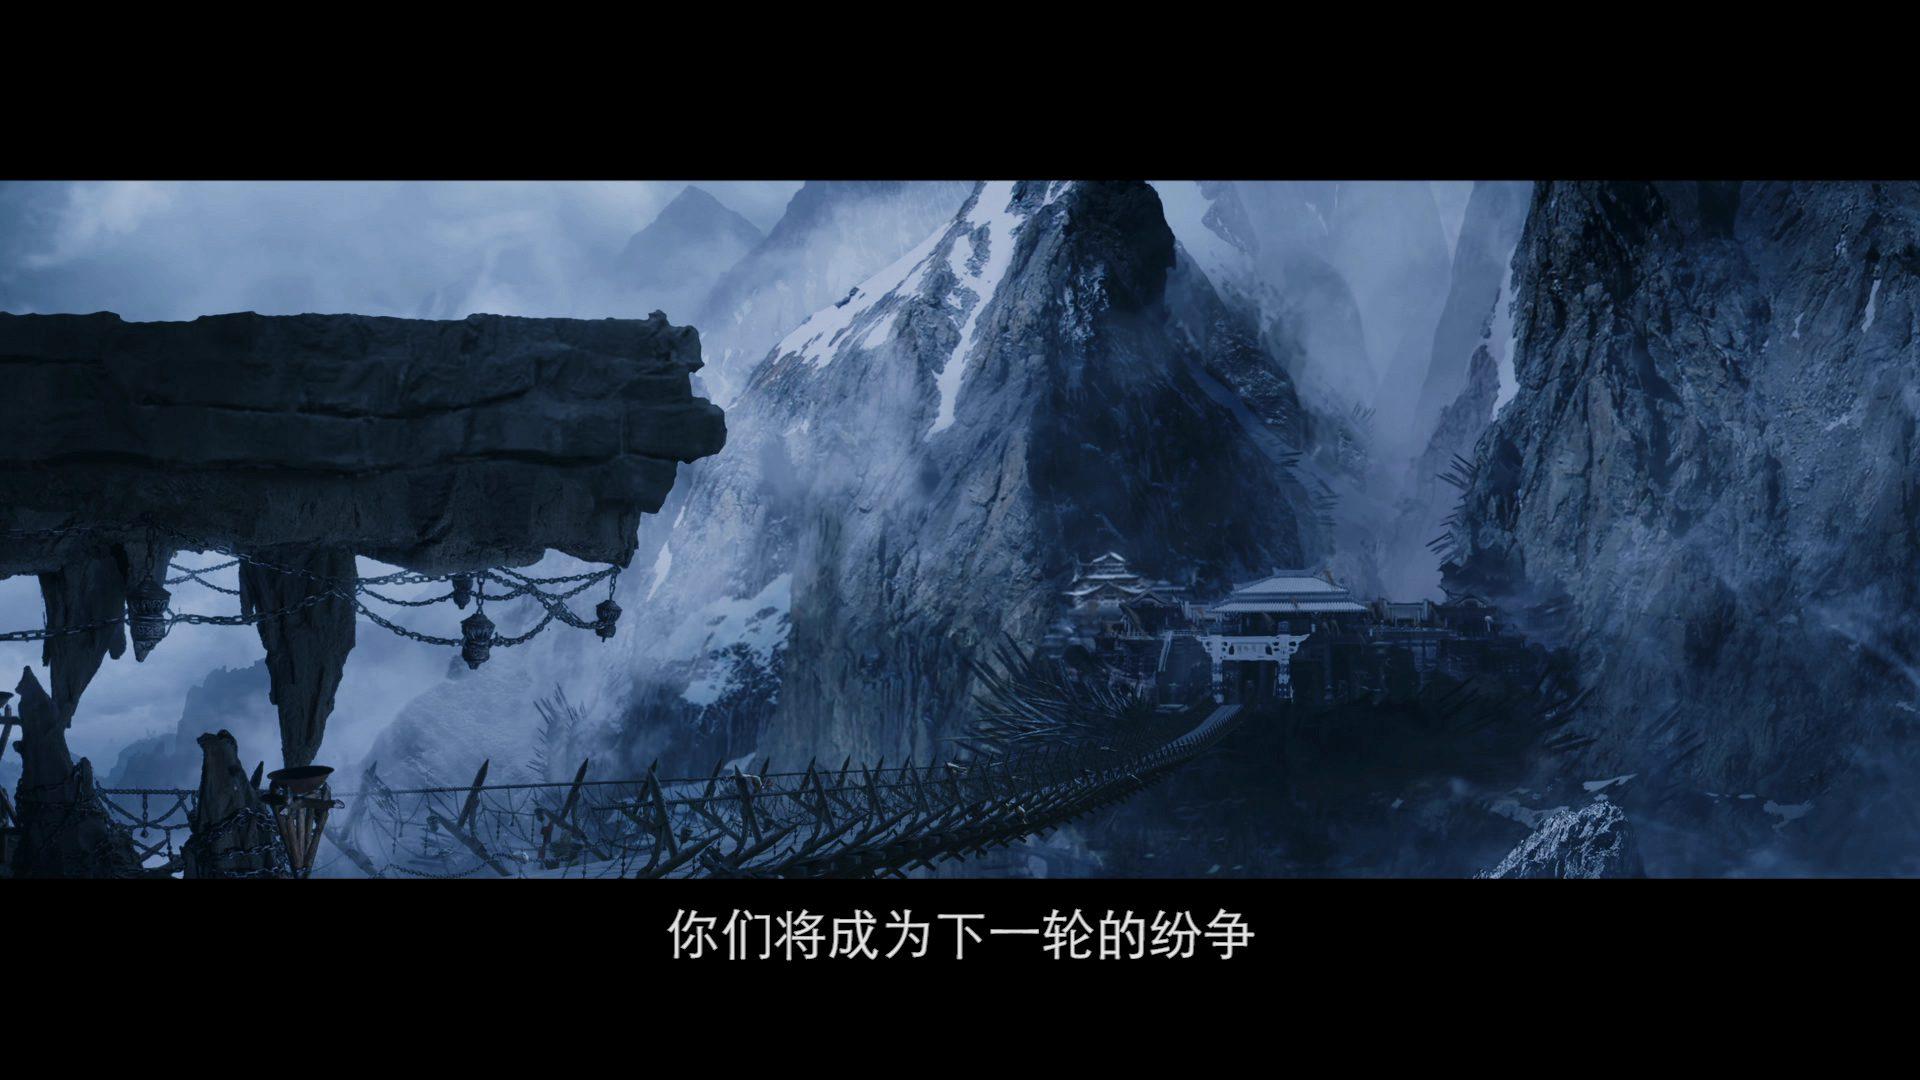 电视剧《新笑傲江湖》剧照 (3).jpg